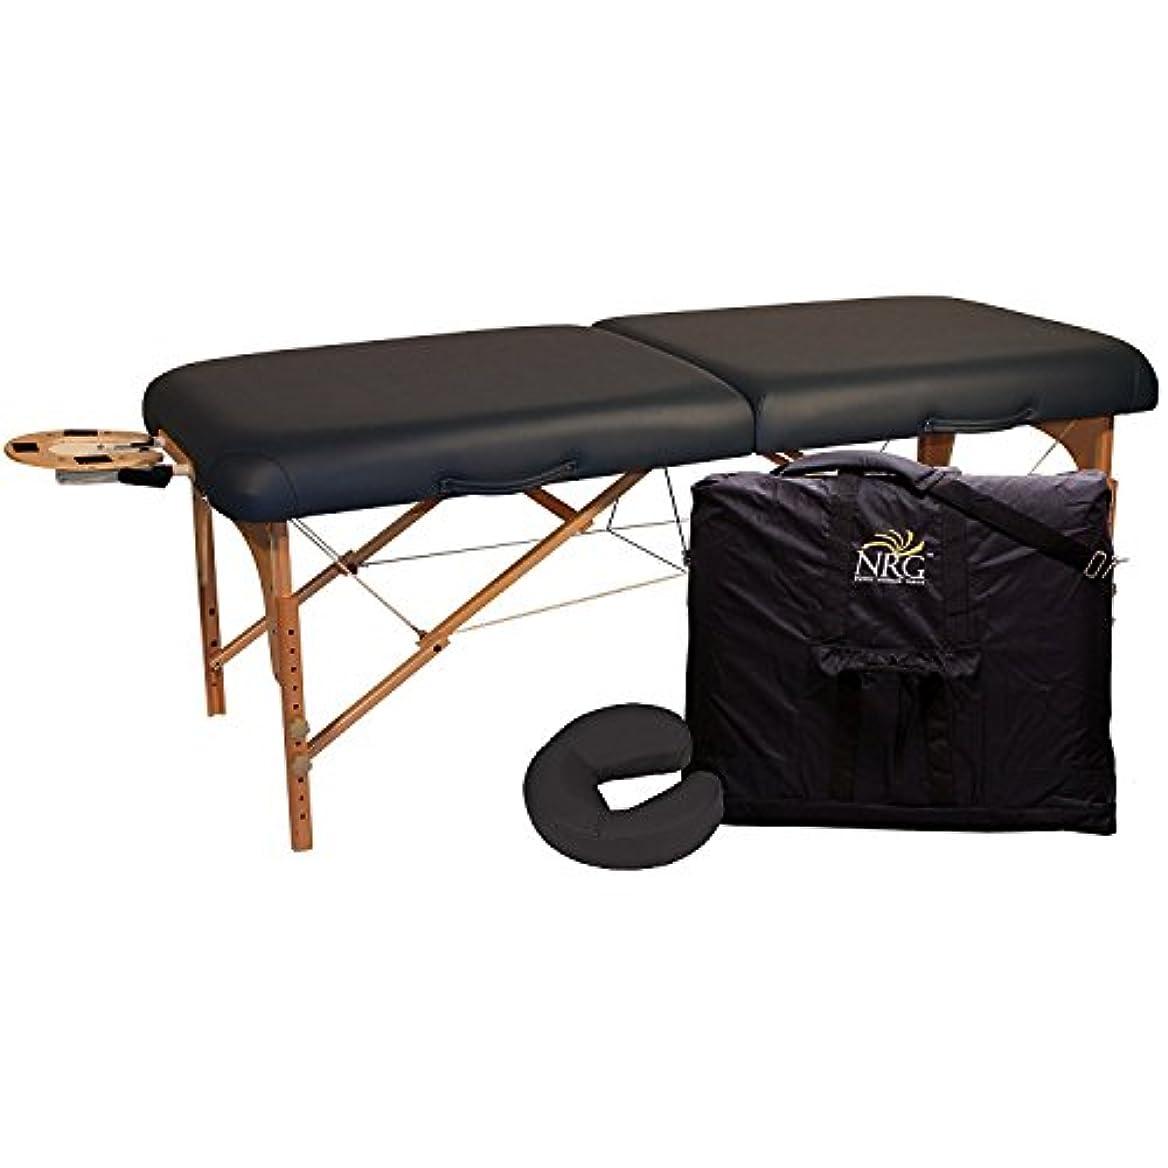 スポーツ時間ラリーNRGカルママッサージテーブルパッケージ。